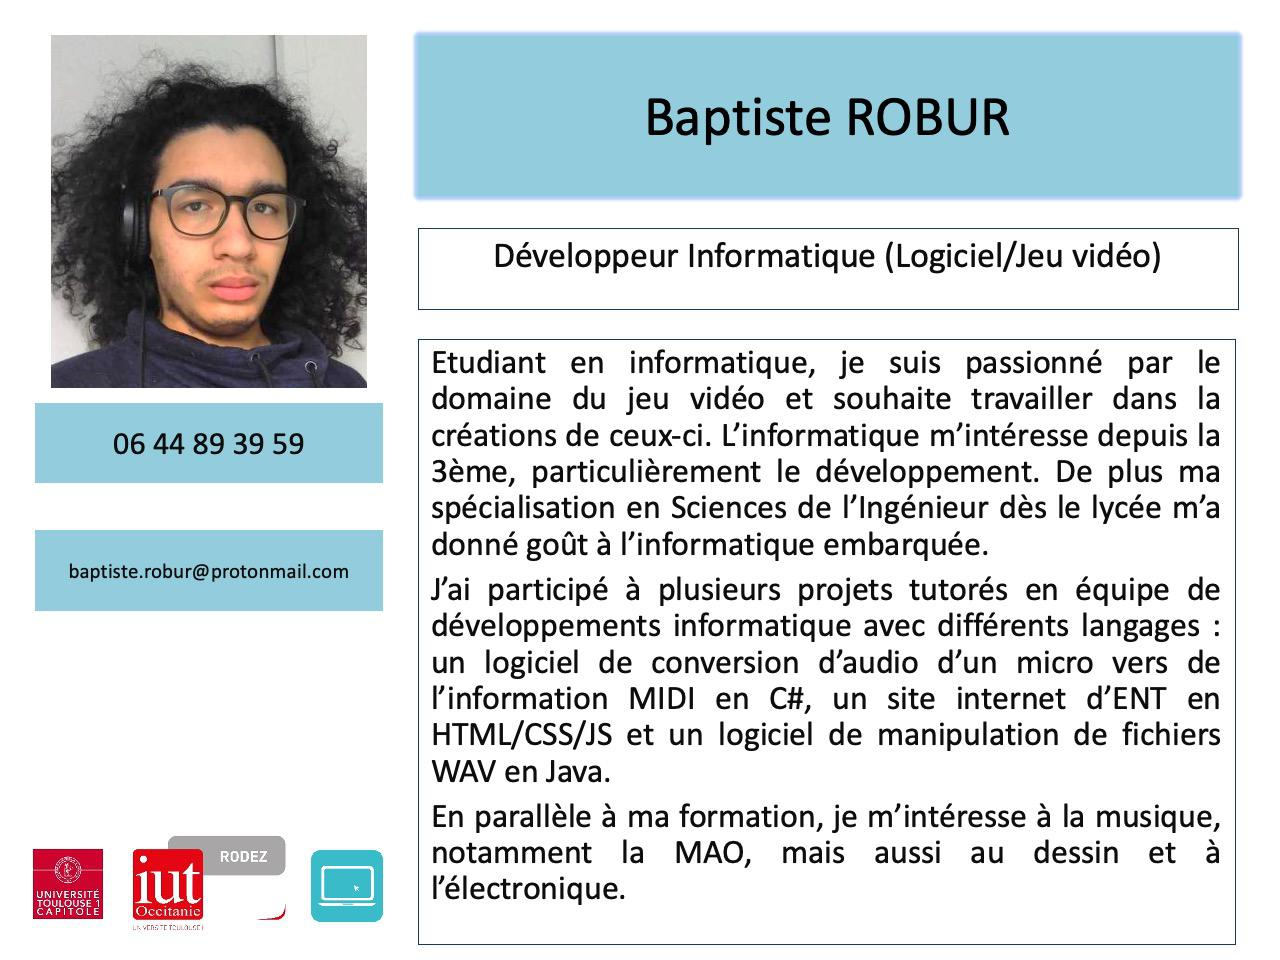 Baptiste ROBUR